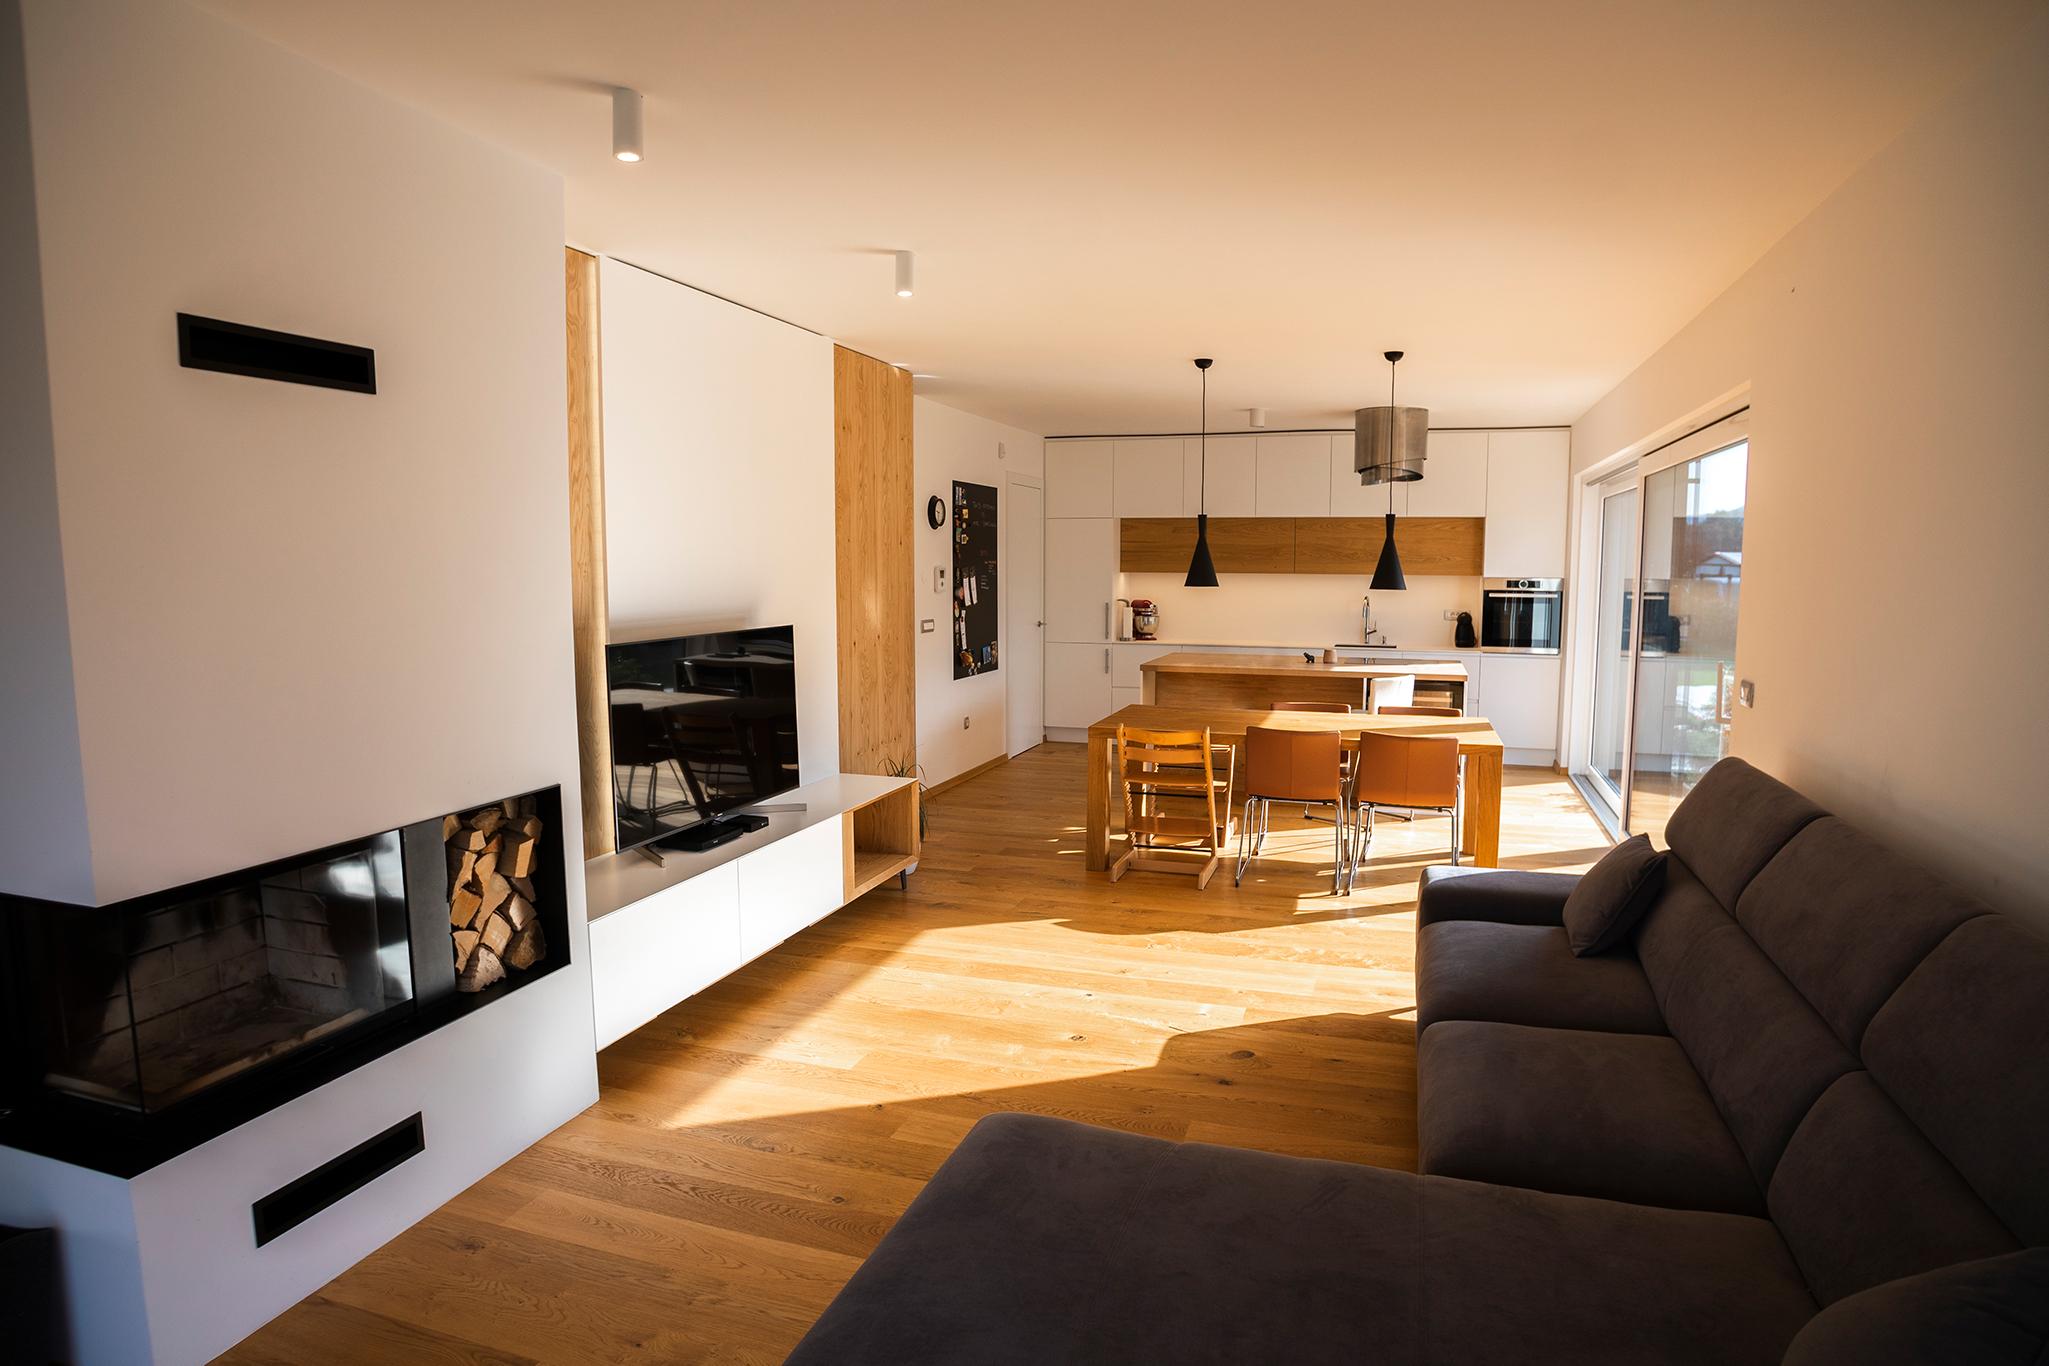 pohištvo po meri kuhinja jedilnica dnevna soba